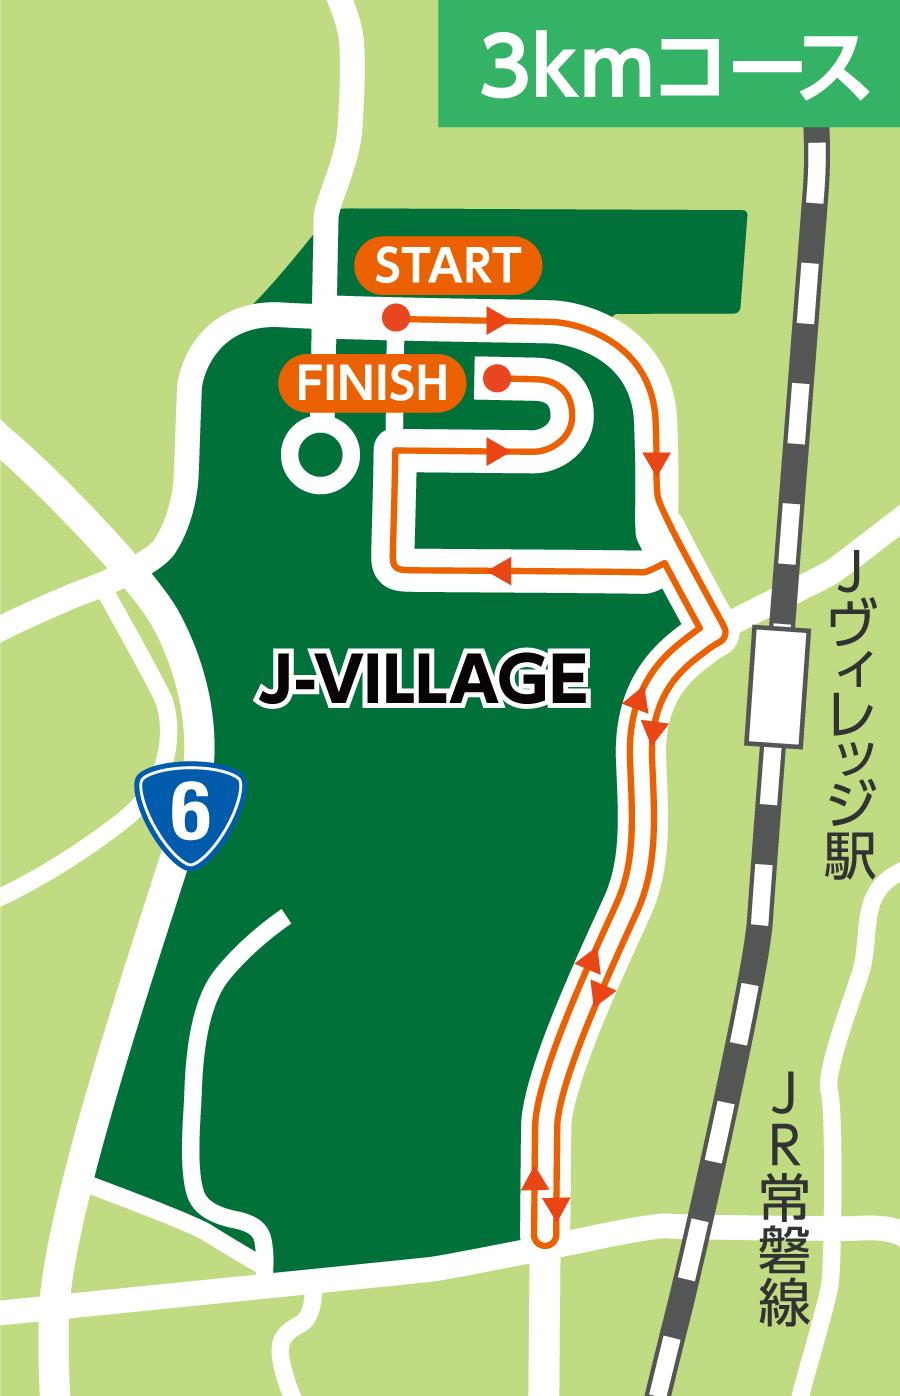 3kmのコース図